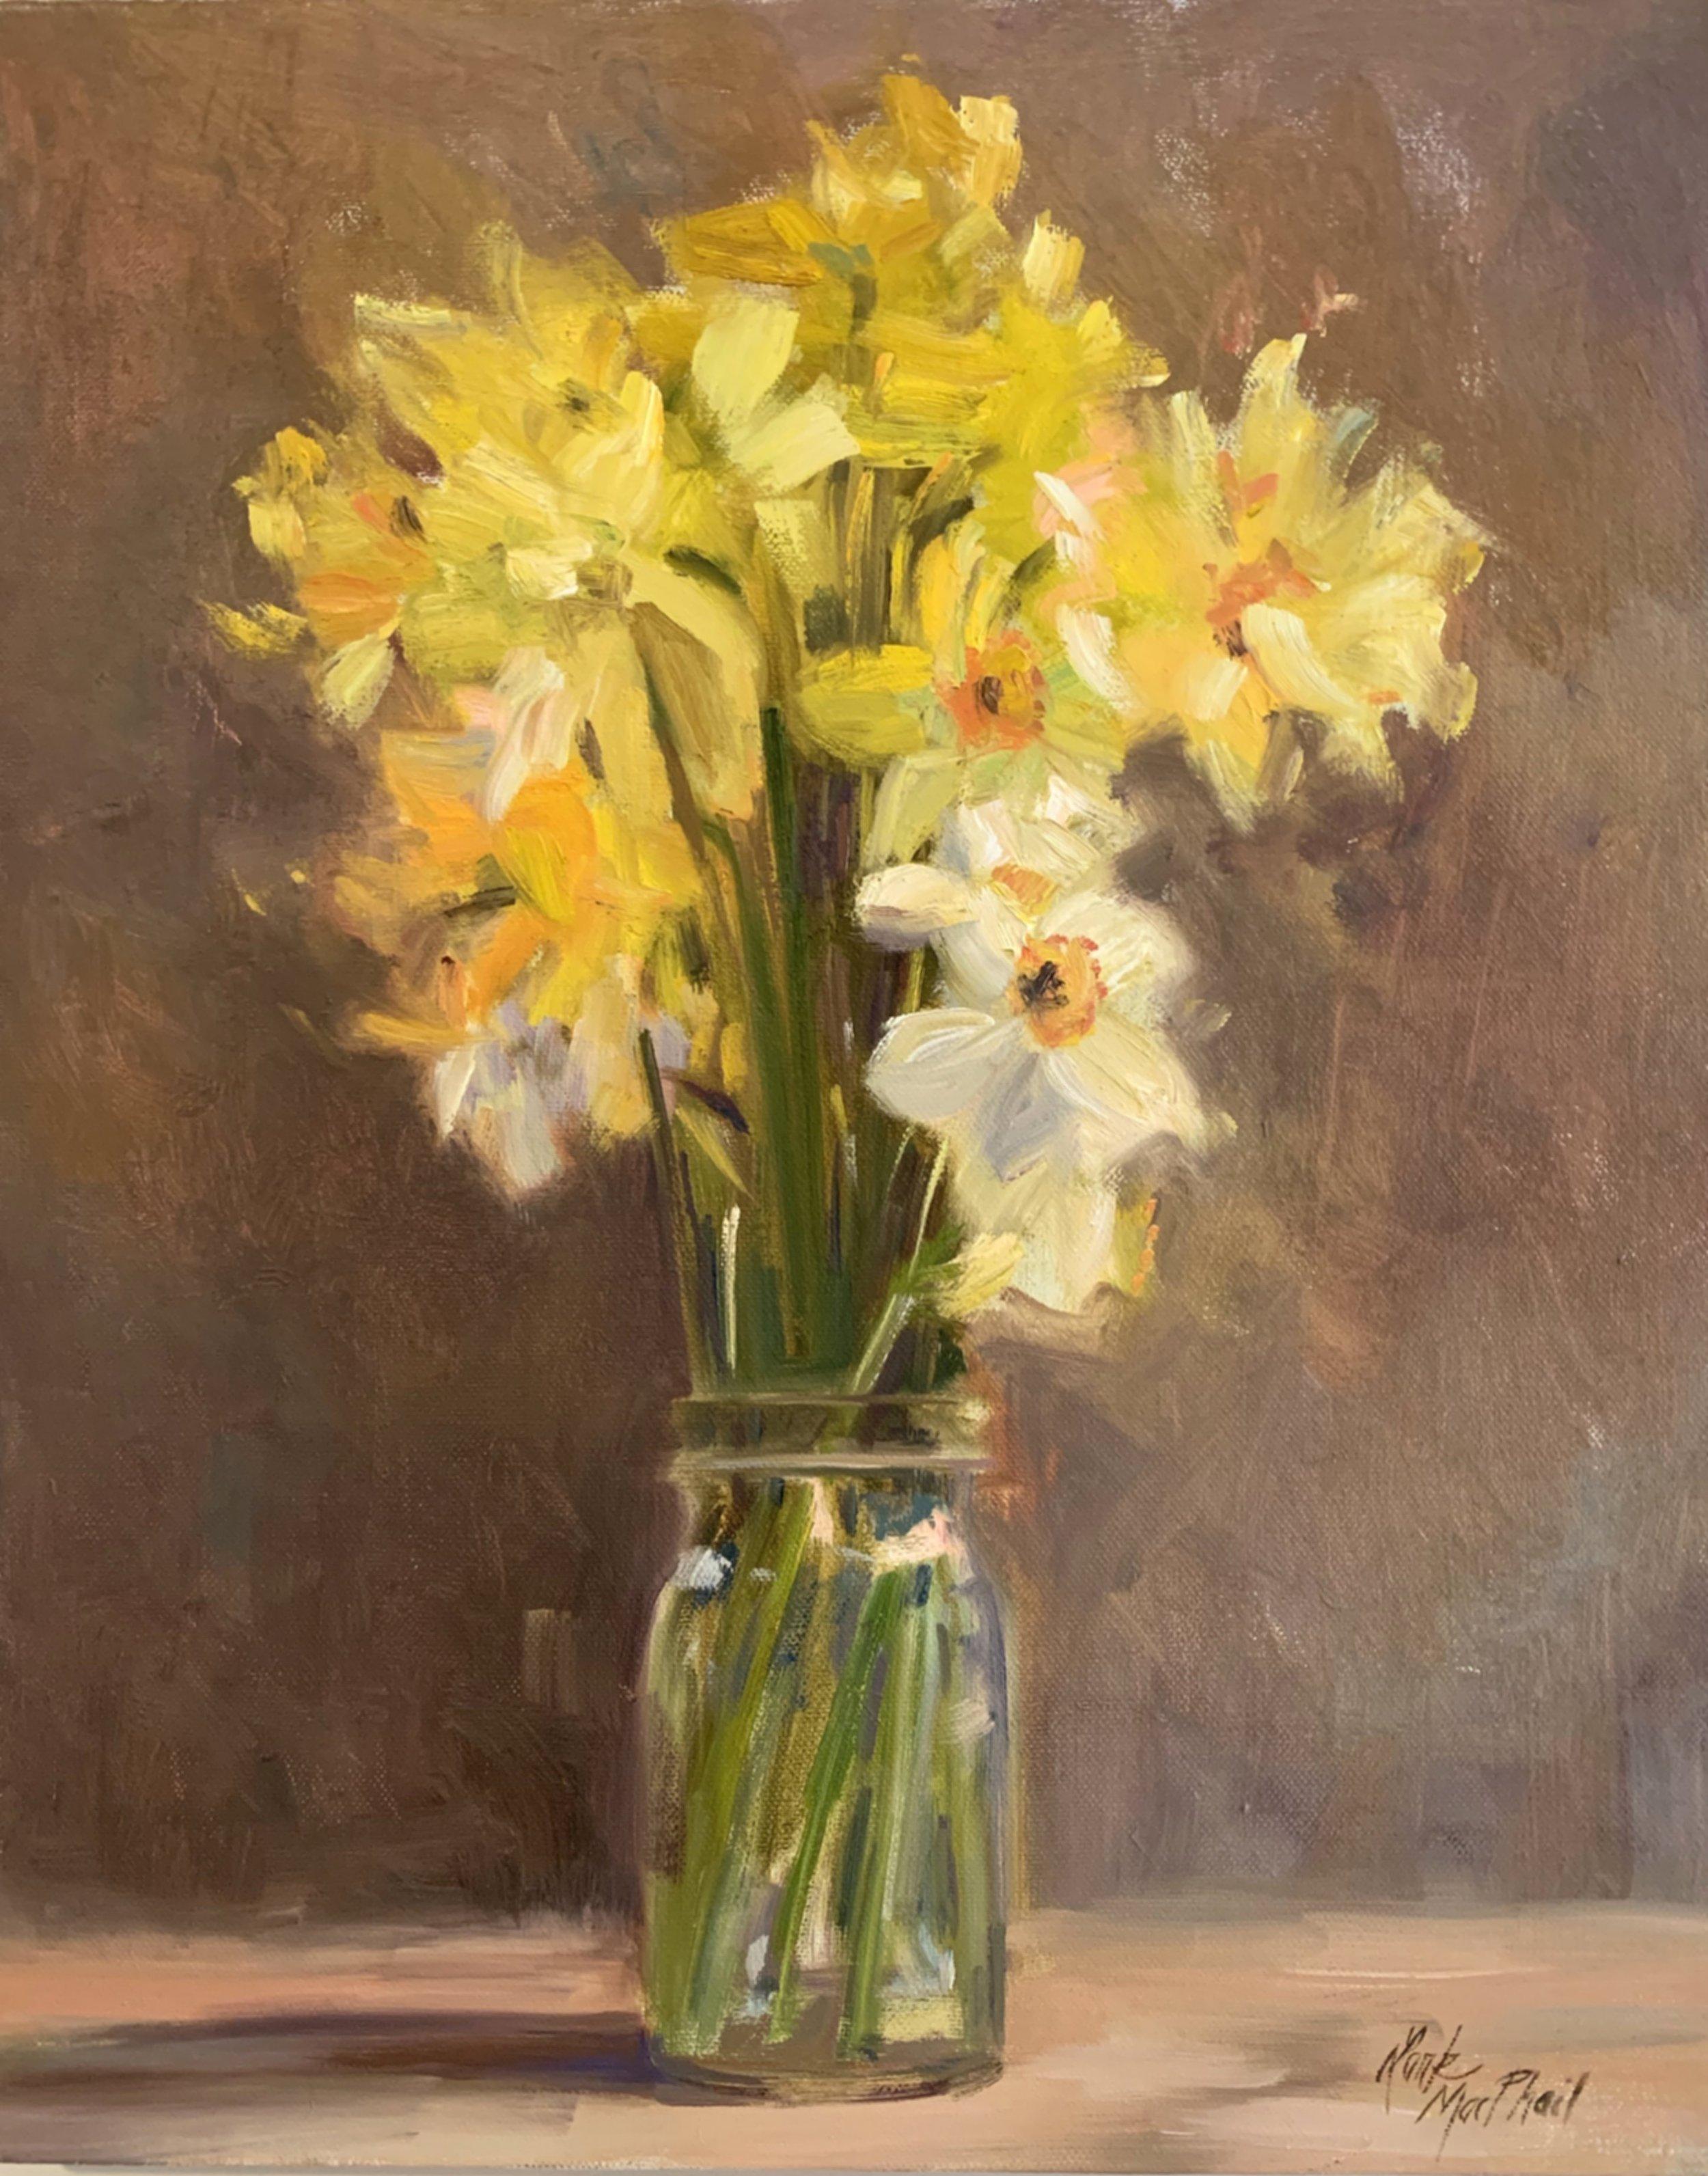 Yellow Daffodils 20 x 16